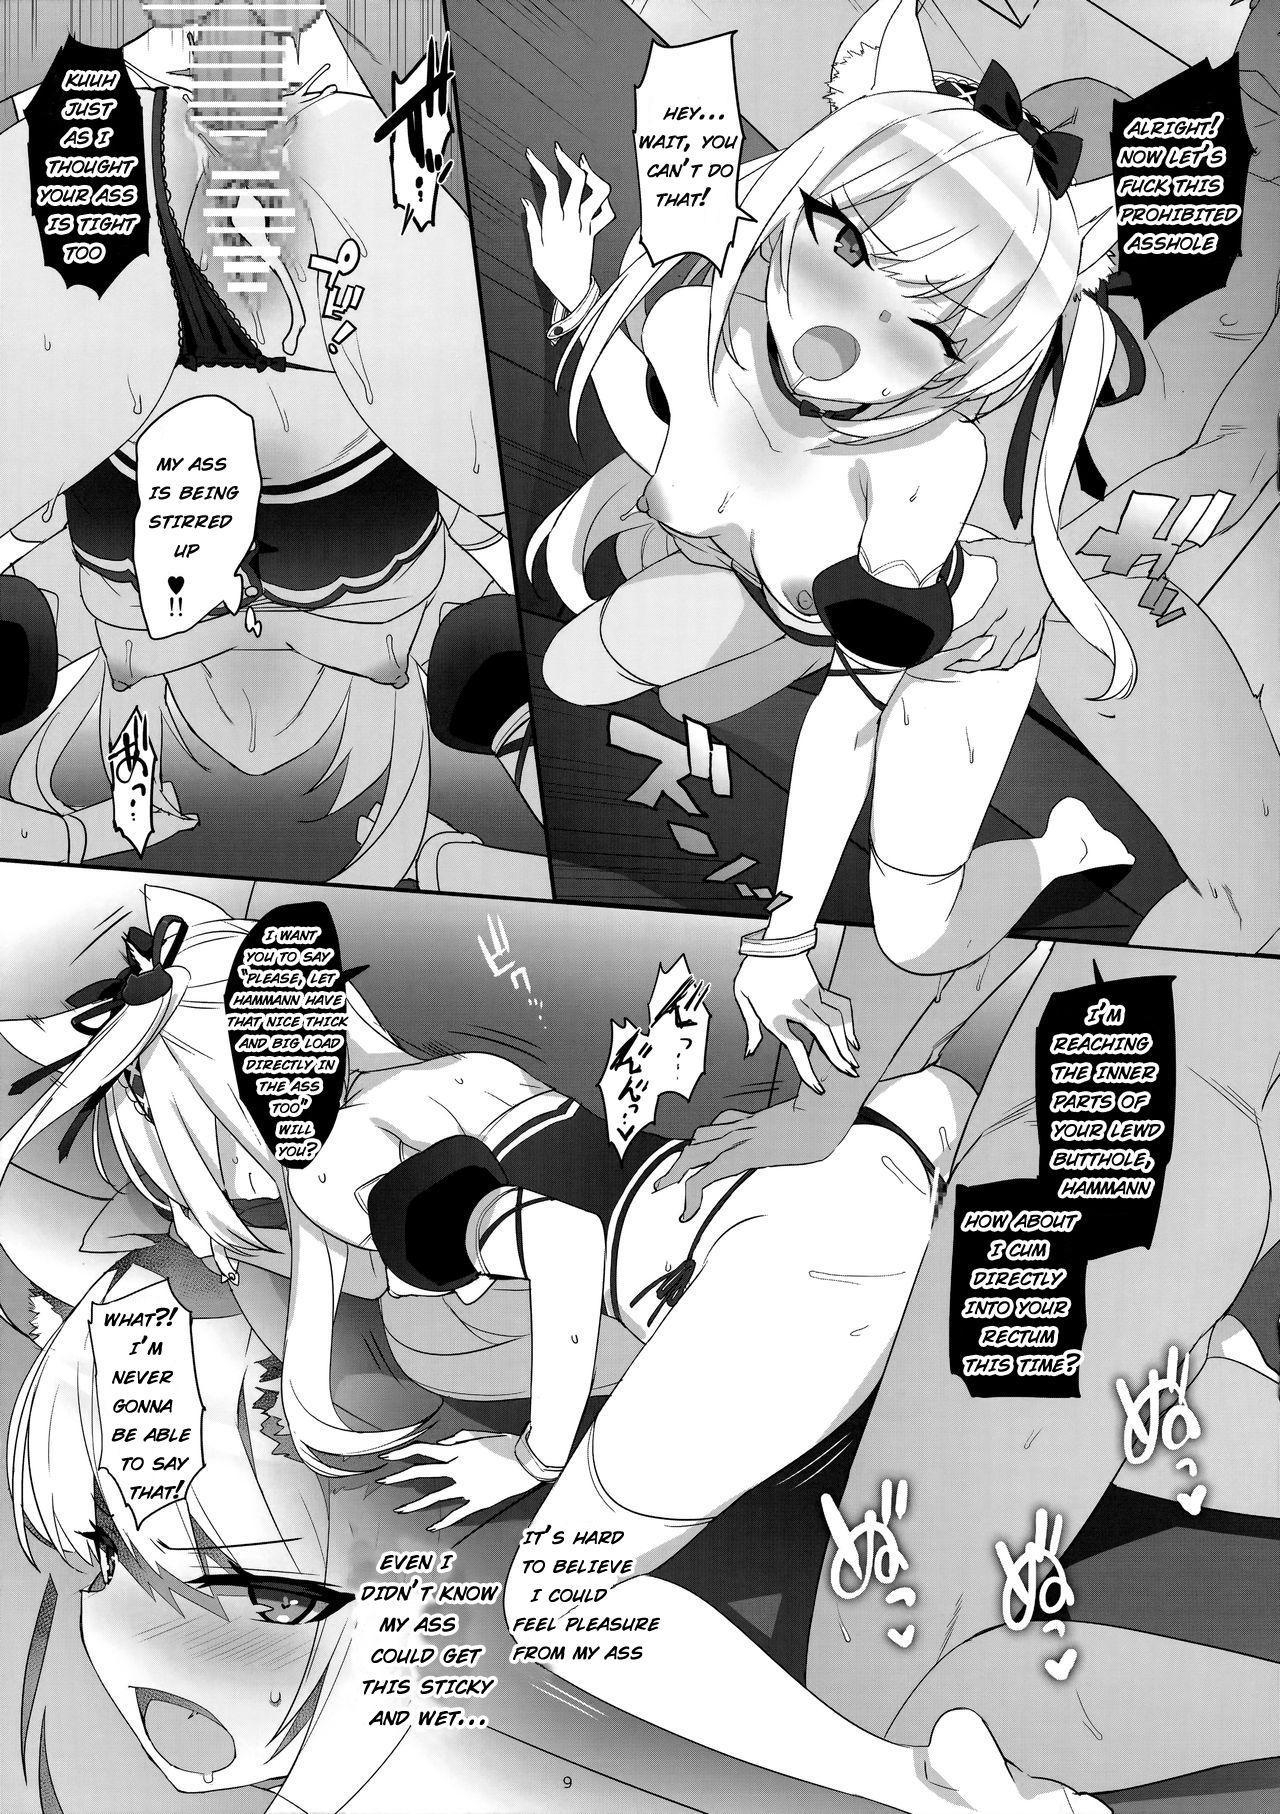 Kaikin! Namaiki Hammann | Unforbidden! Hammann's raw orgasm 8